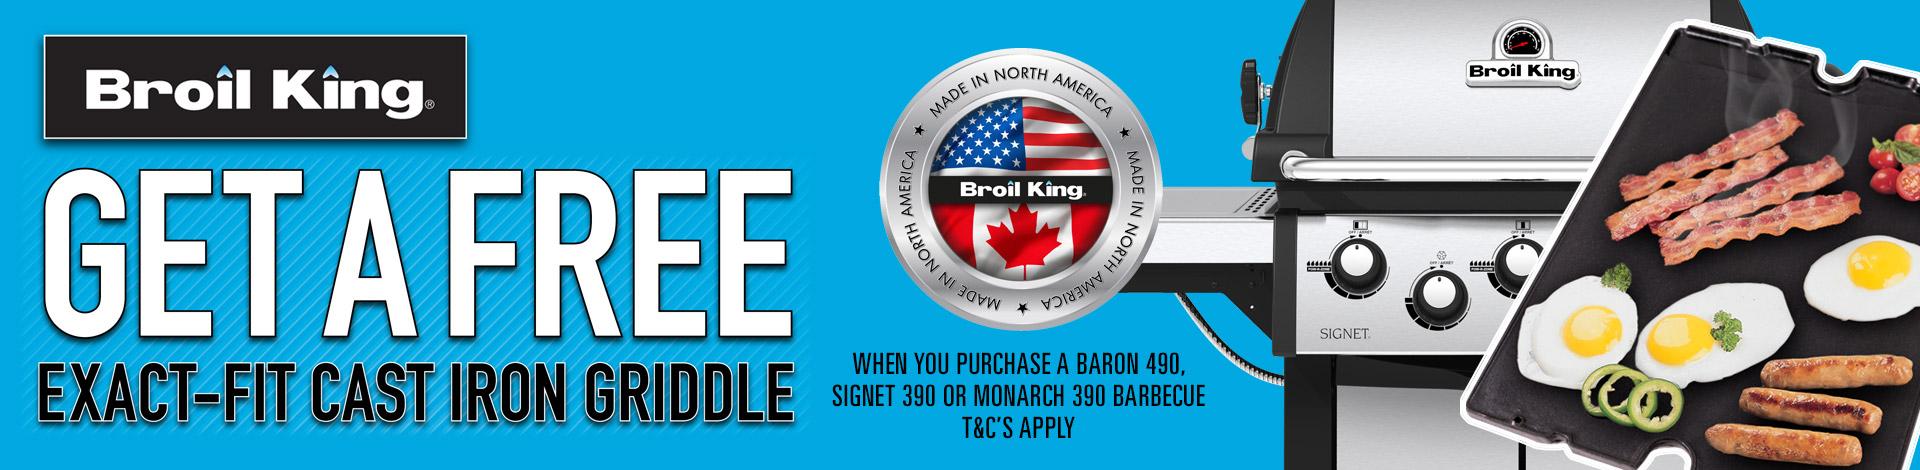 Broil King free griddle offer